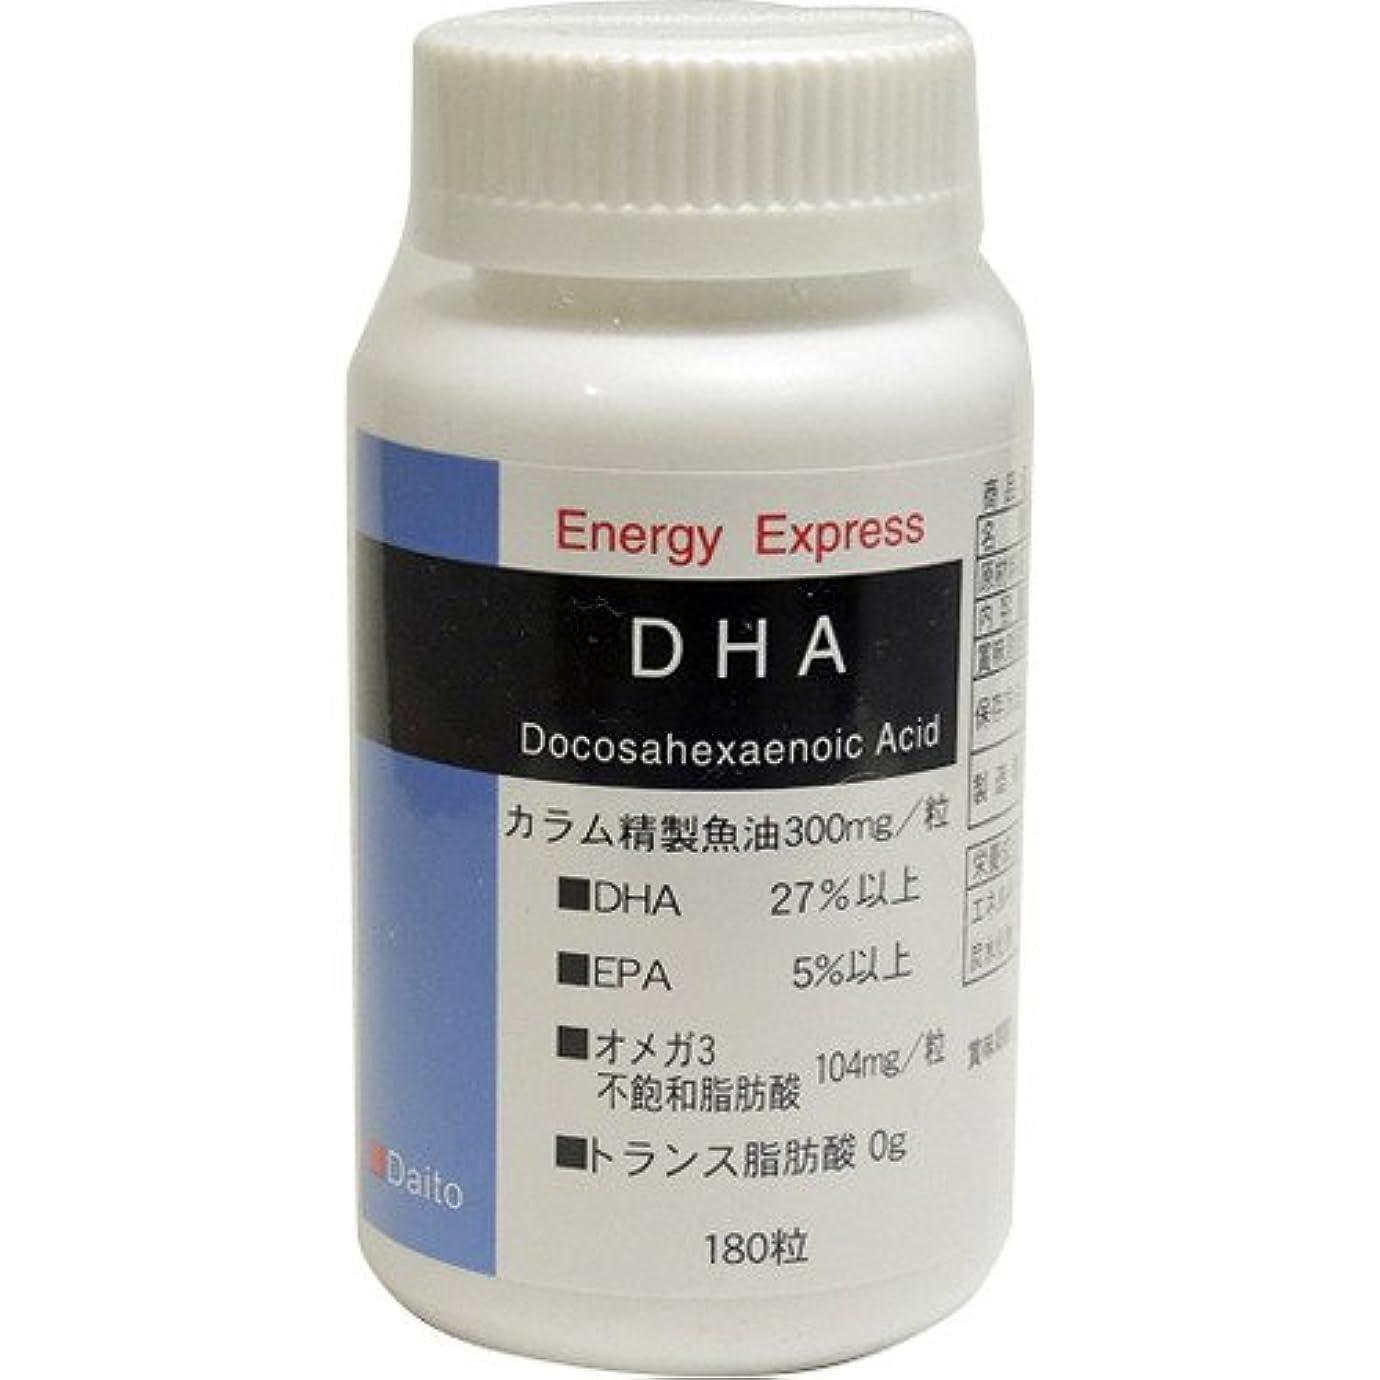 農業ジーンズフォローダイトー水産 エナジーエキスプレス DHA 445mg×180粒入り